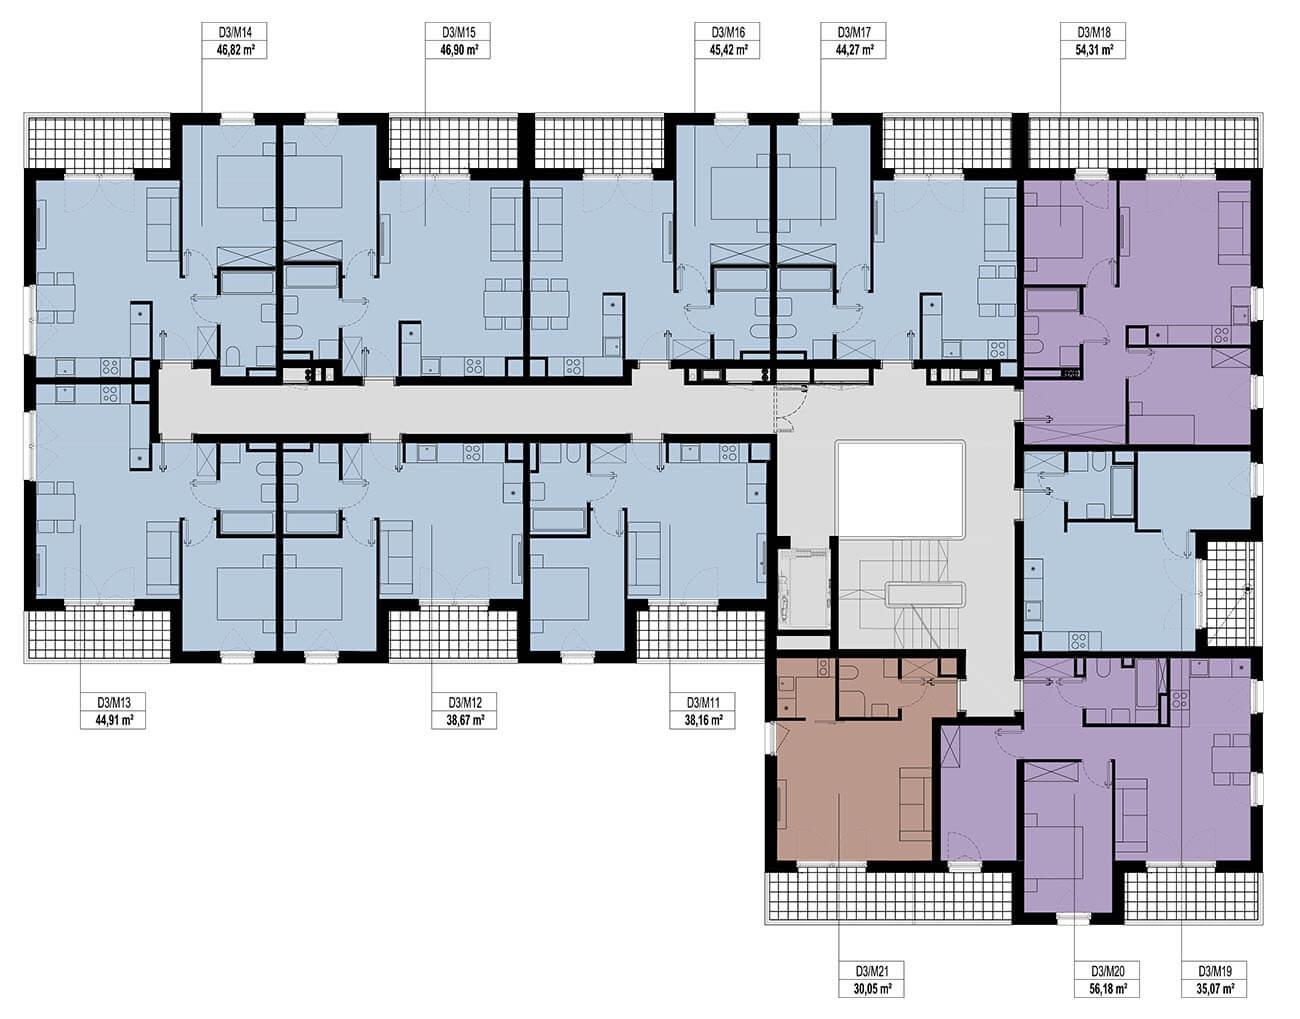 Etap 3 - Budynek D - Piętro 1